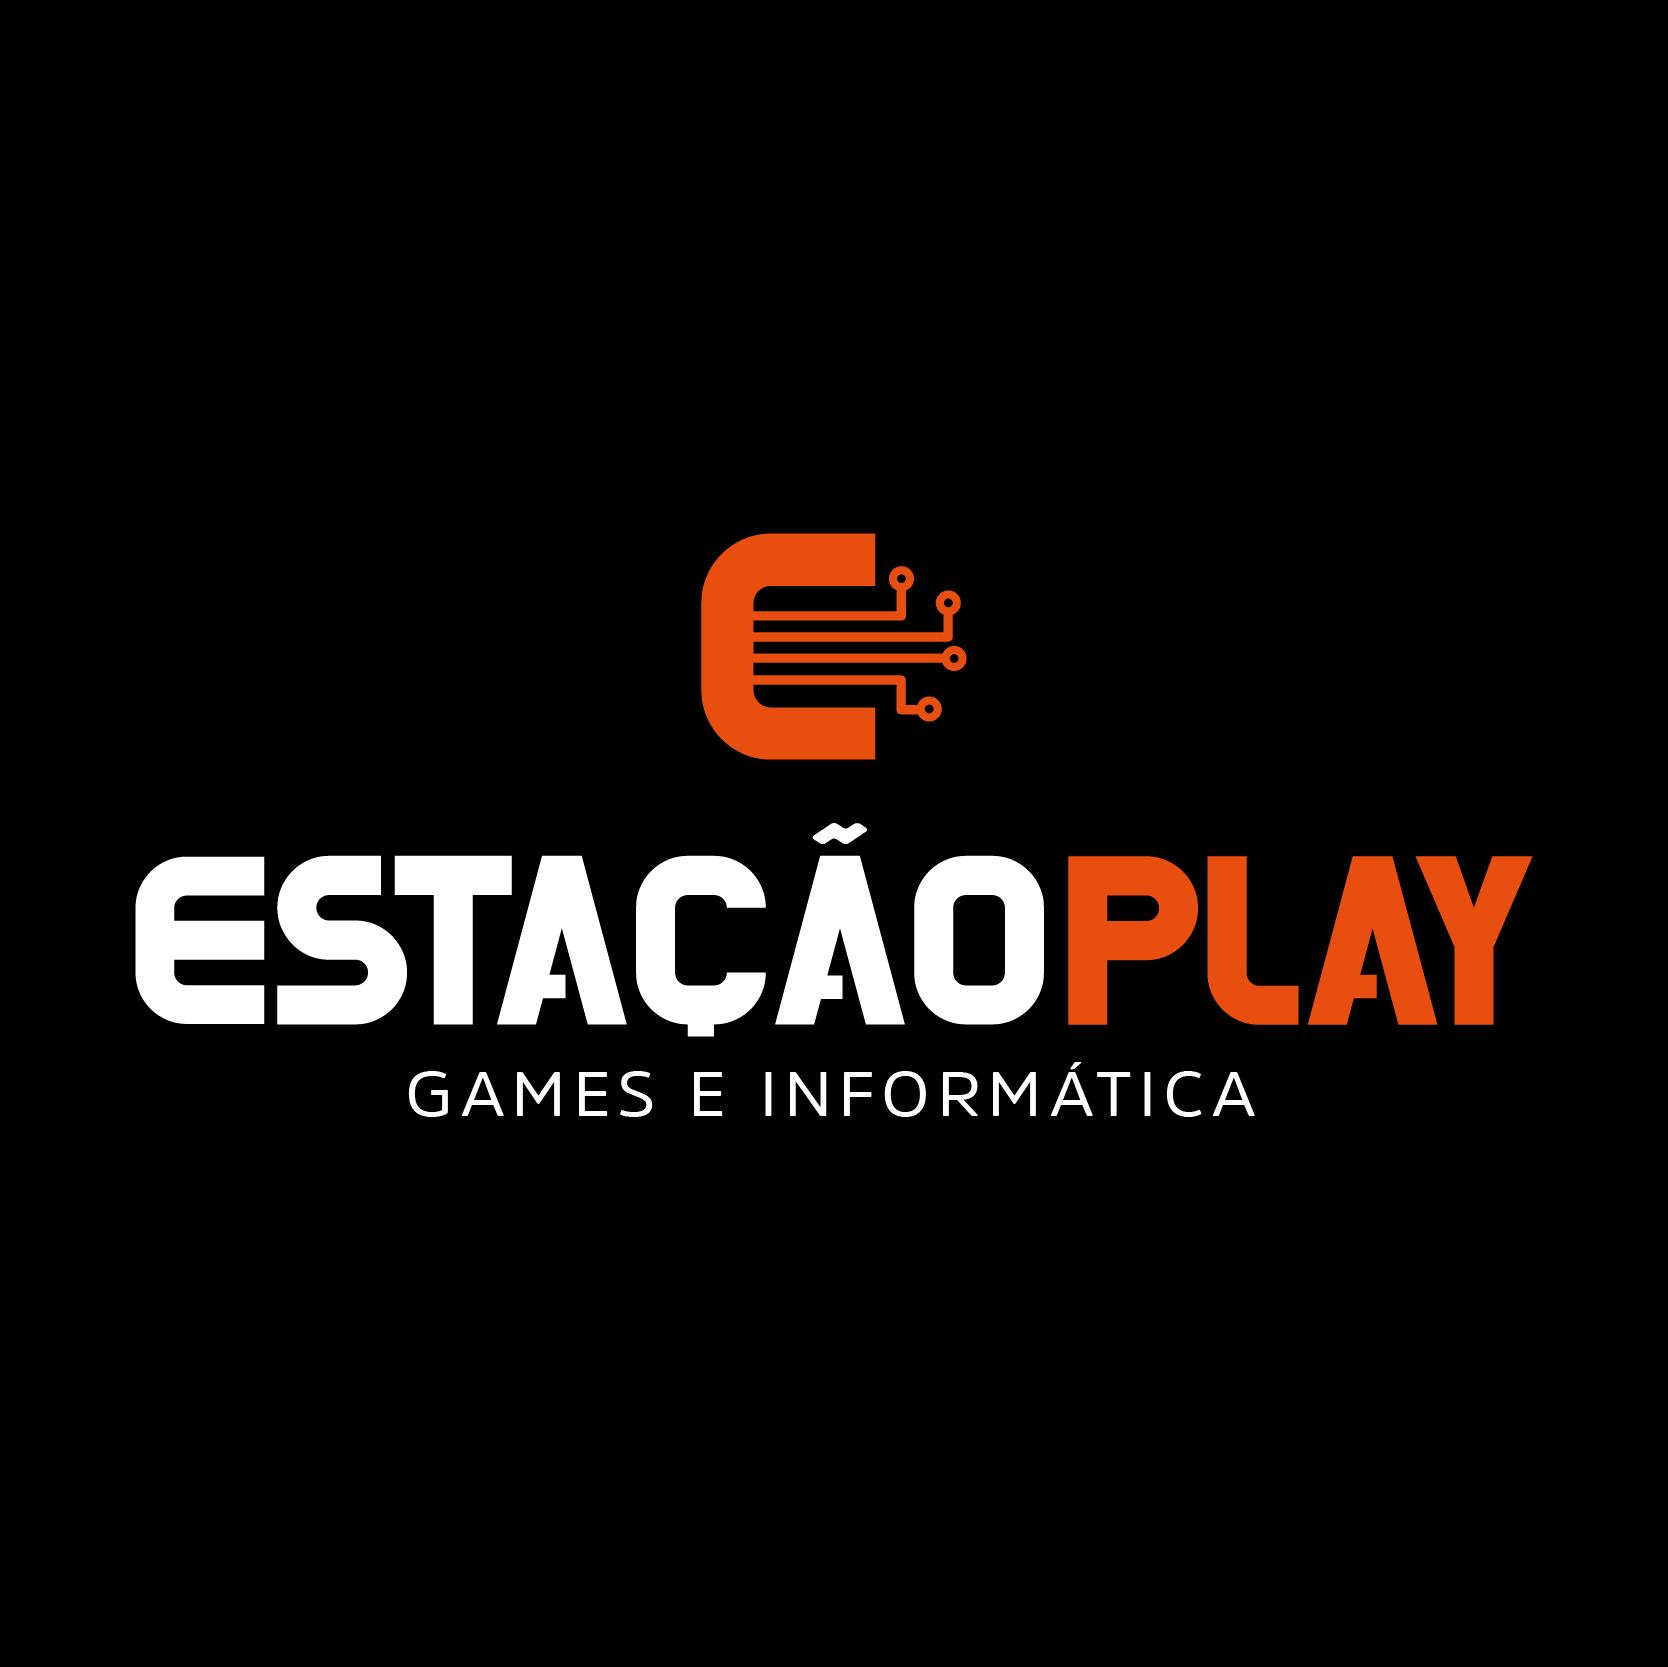 ESTAÇÃO PLAY GAMES INFORMÁTICA